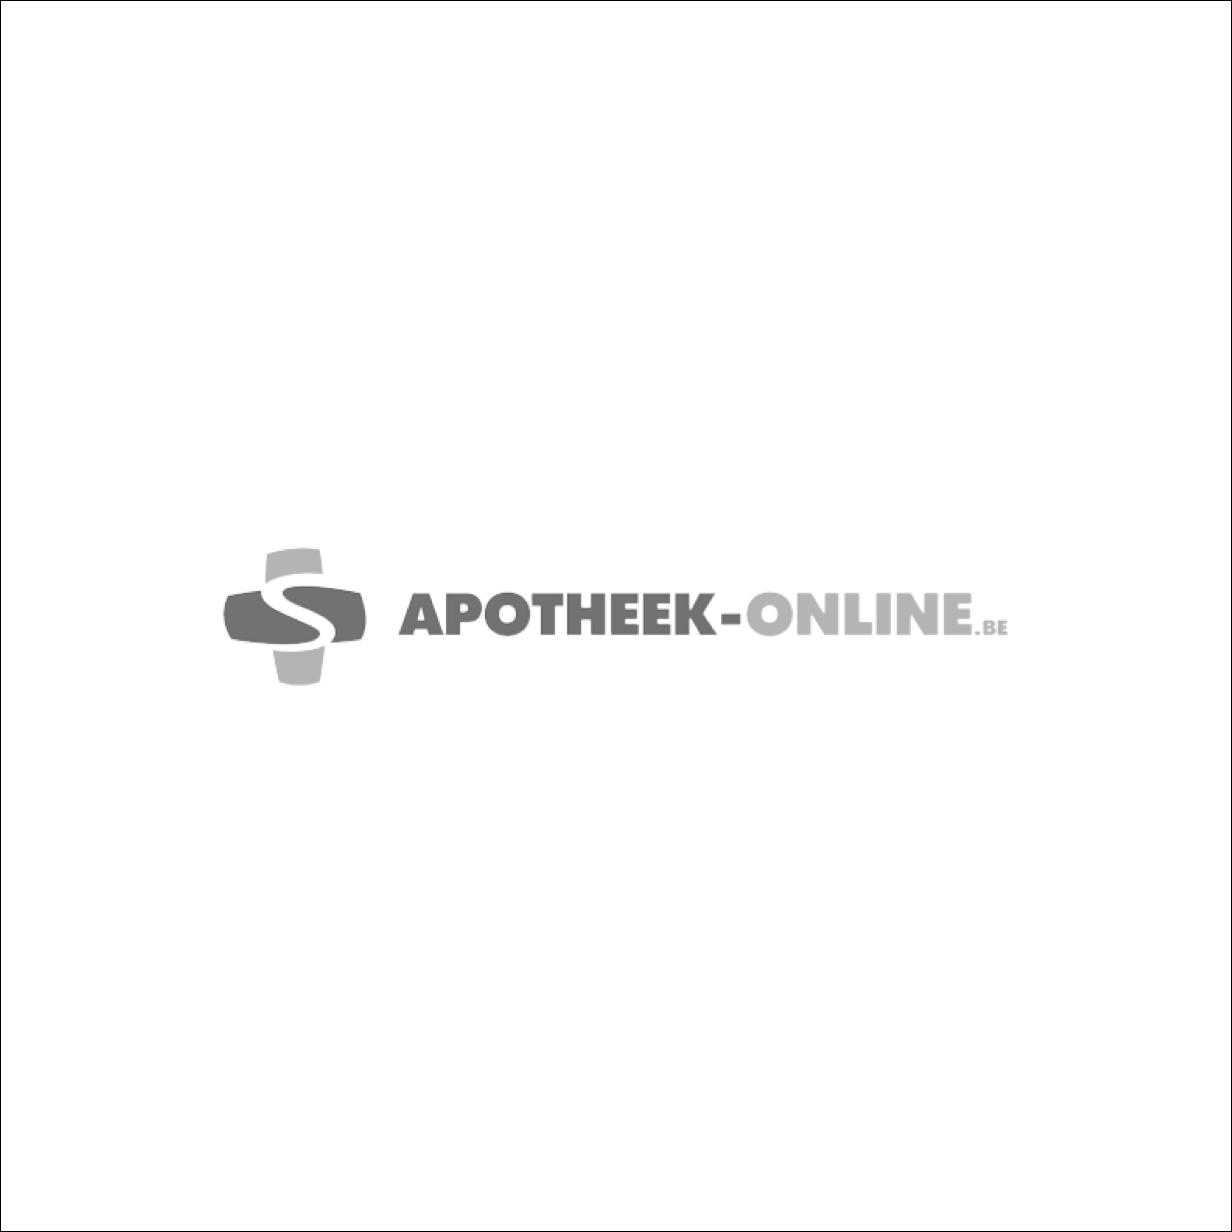 Futuro Sport Genouillere Hydroregulatrice L 45697